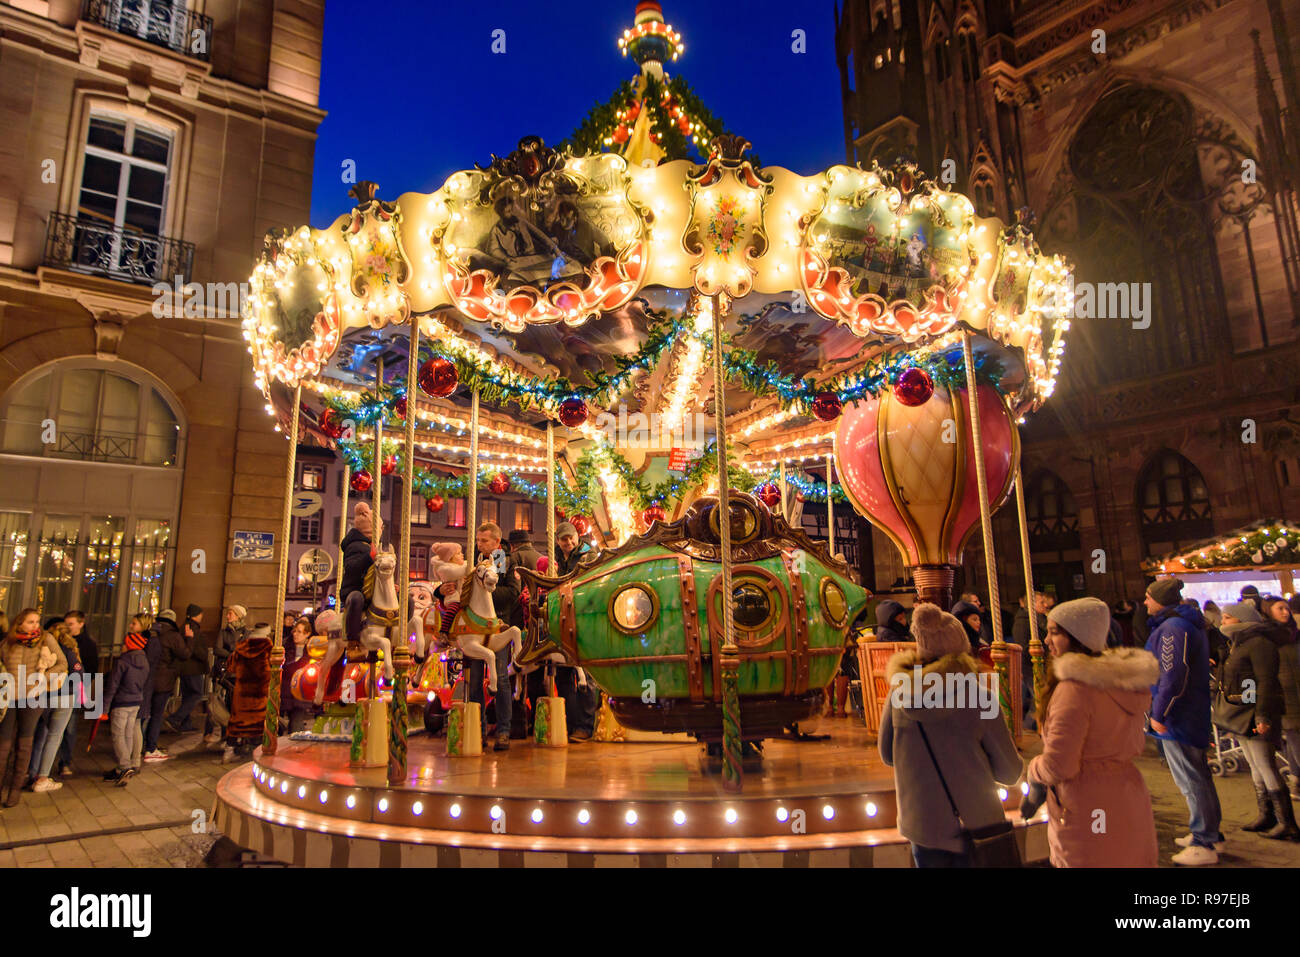 Carrusel En Mercado De Navidad En Estrasburgo Capital De Noel En La Zona De Alsacia Francia Fotografía De Stock Alamy